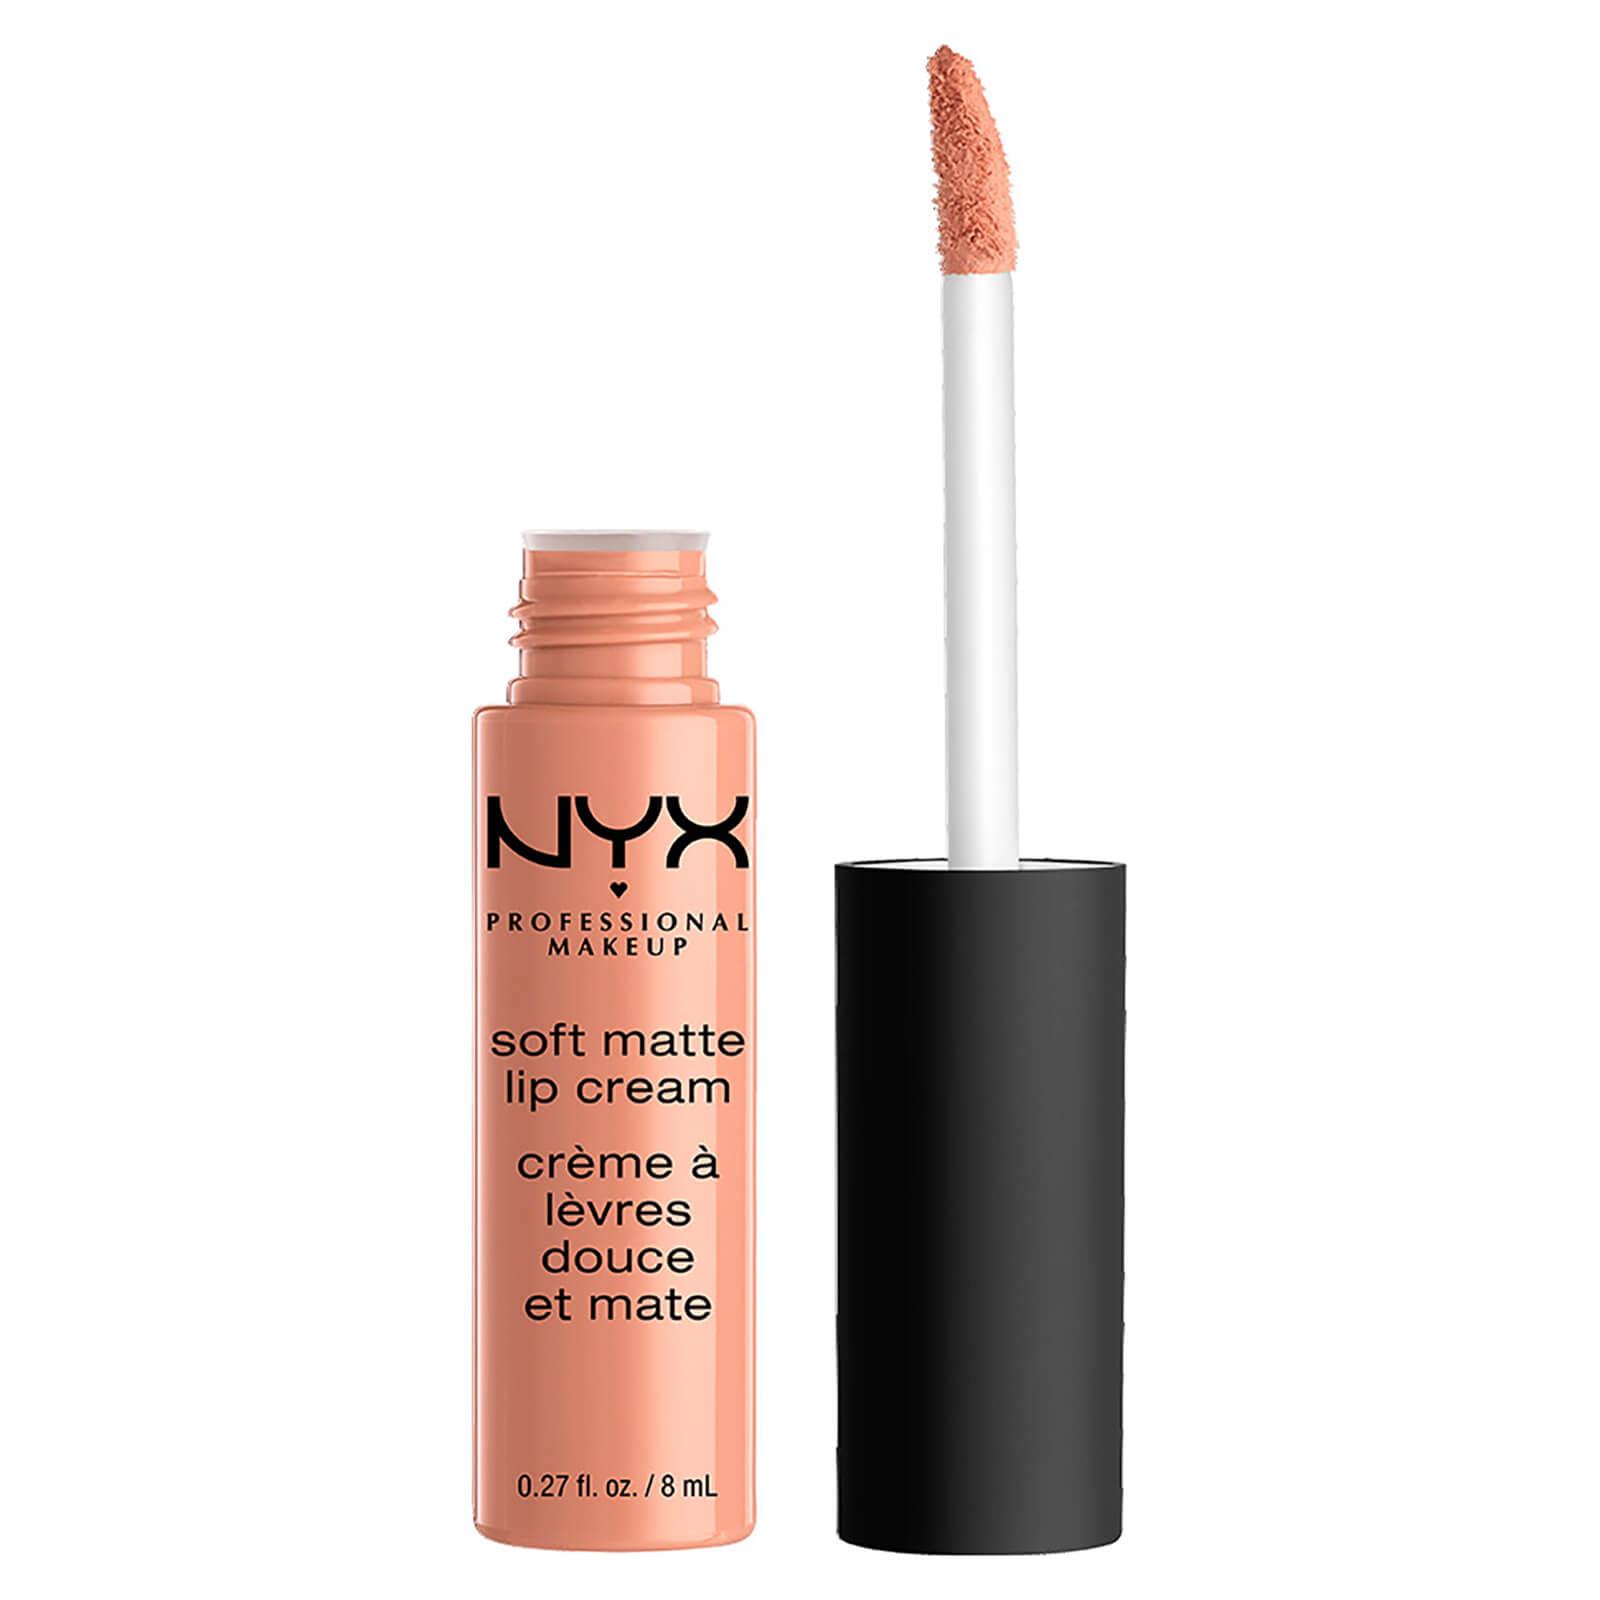 Купить Матовая жидкая помада NYX Professional Makeup Soft Matte Lip Cream (разные оттенки) - Athens